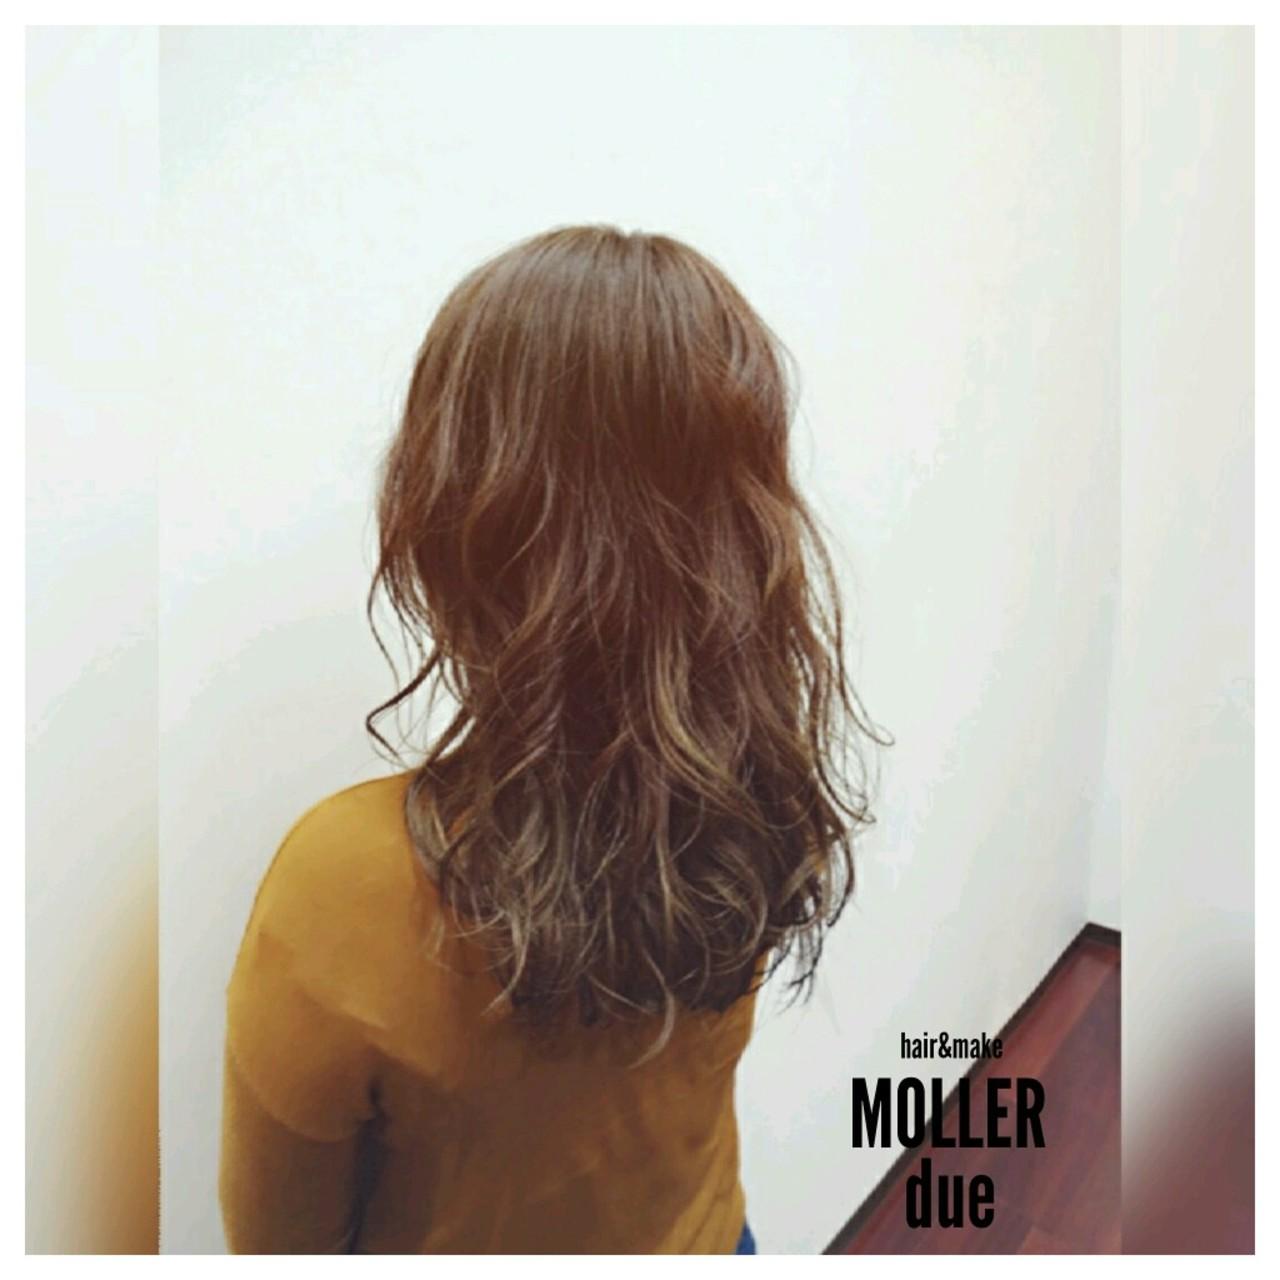 外国人風 ナチュラル 大人かわいい ゆるふわ ヘアスタイルや髪型の写真・画像 | 吉村俊宏 / hair&make MOLLER due